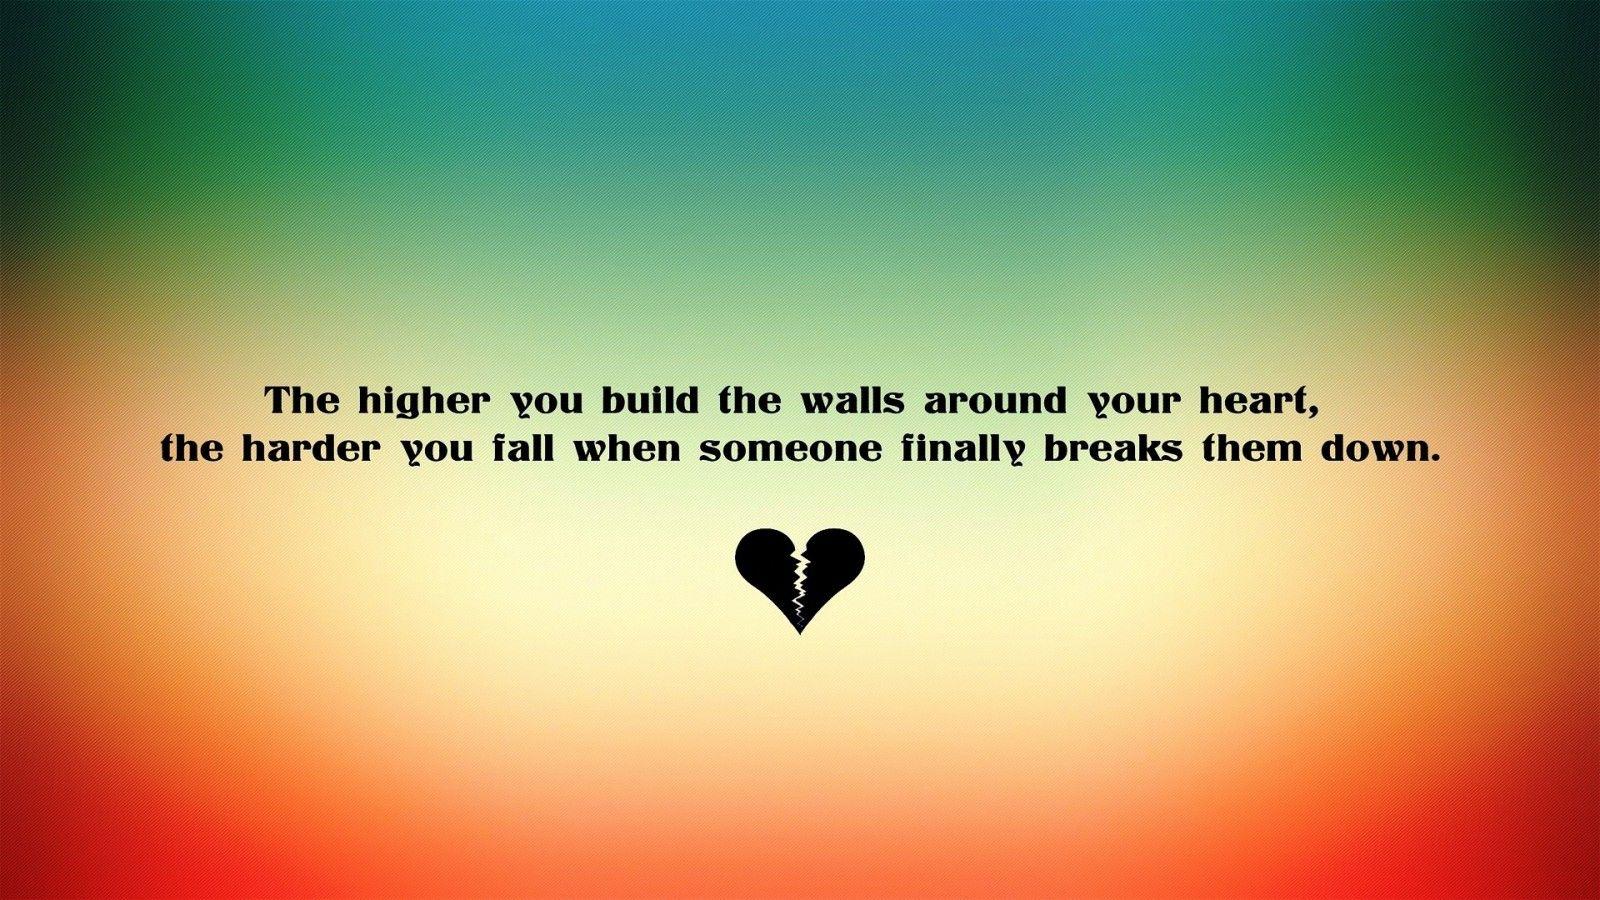 How trust again broken heart